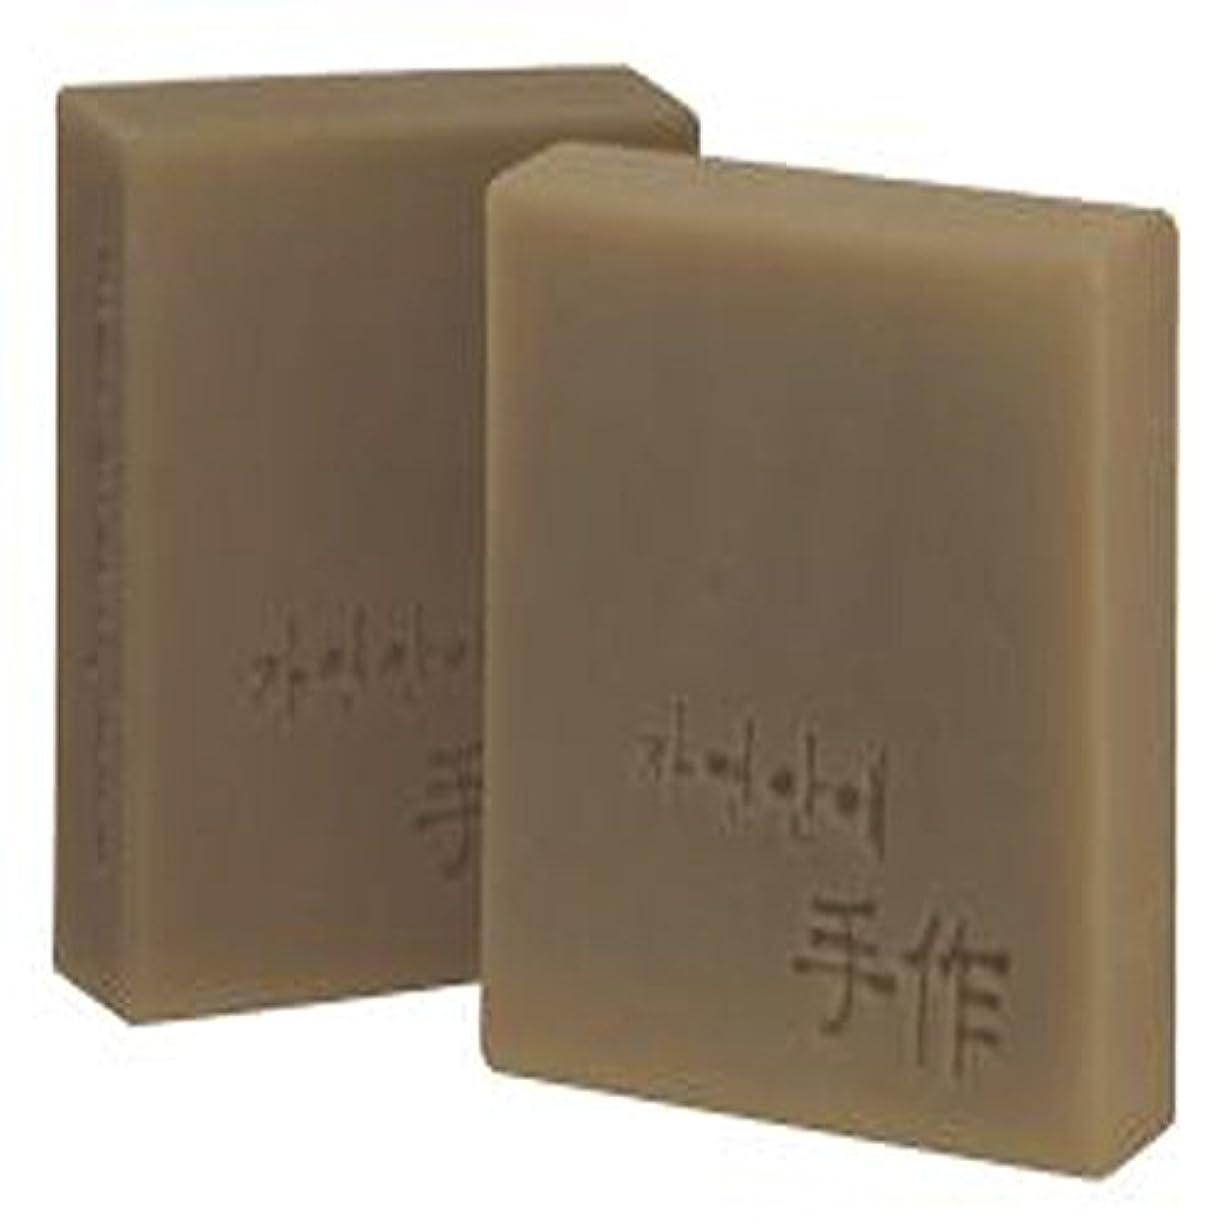 つぶやきリットルNatural organic 有機天然ソープ 固形 無添加 洗顔せっけんクレンジング [並行輸入品] (トサジャ)